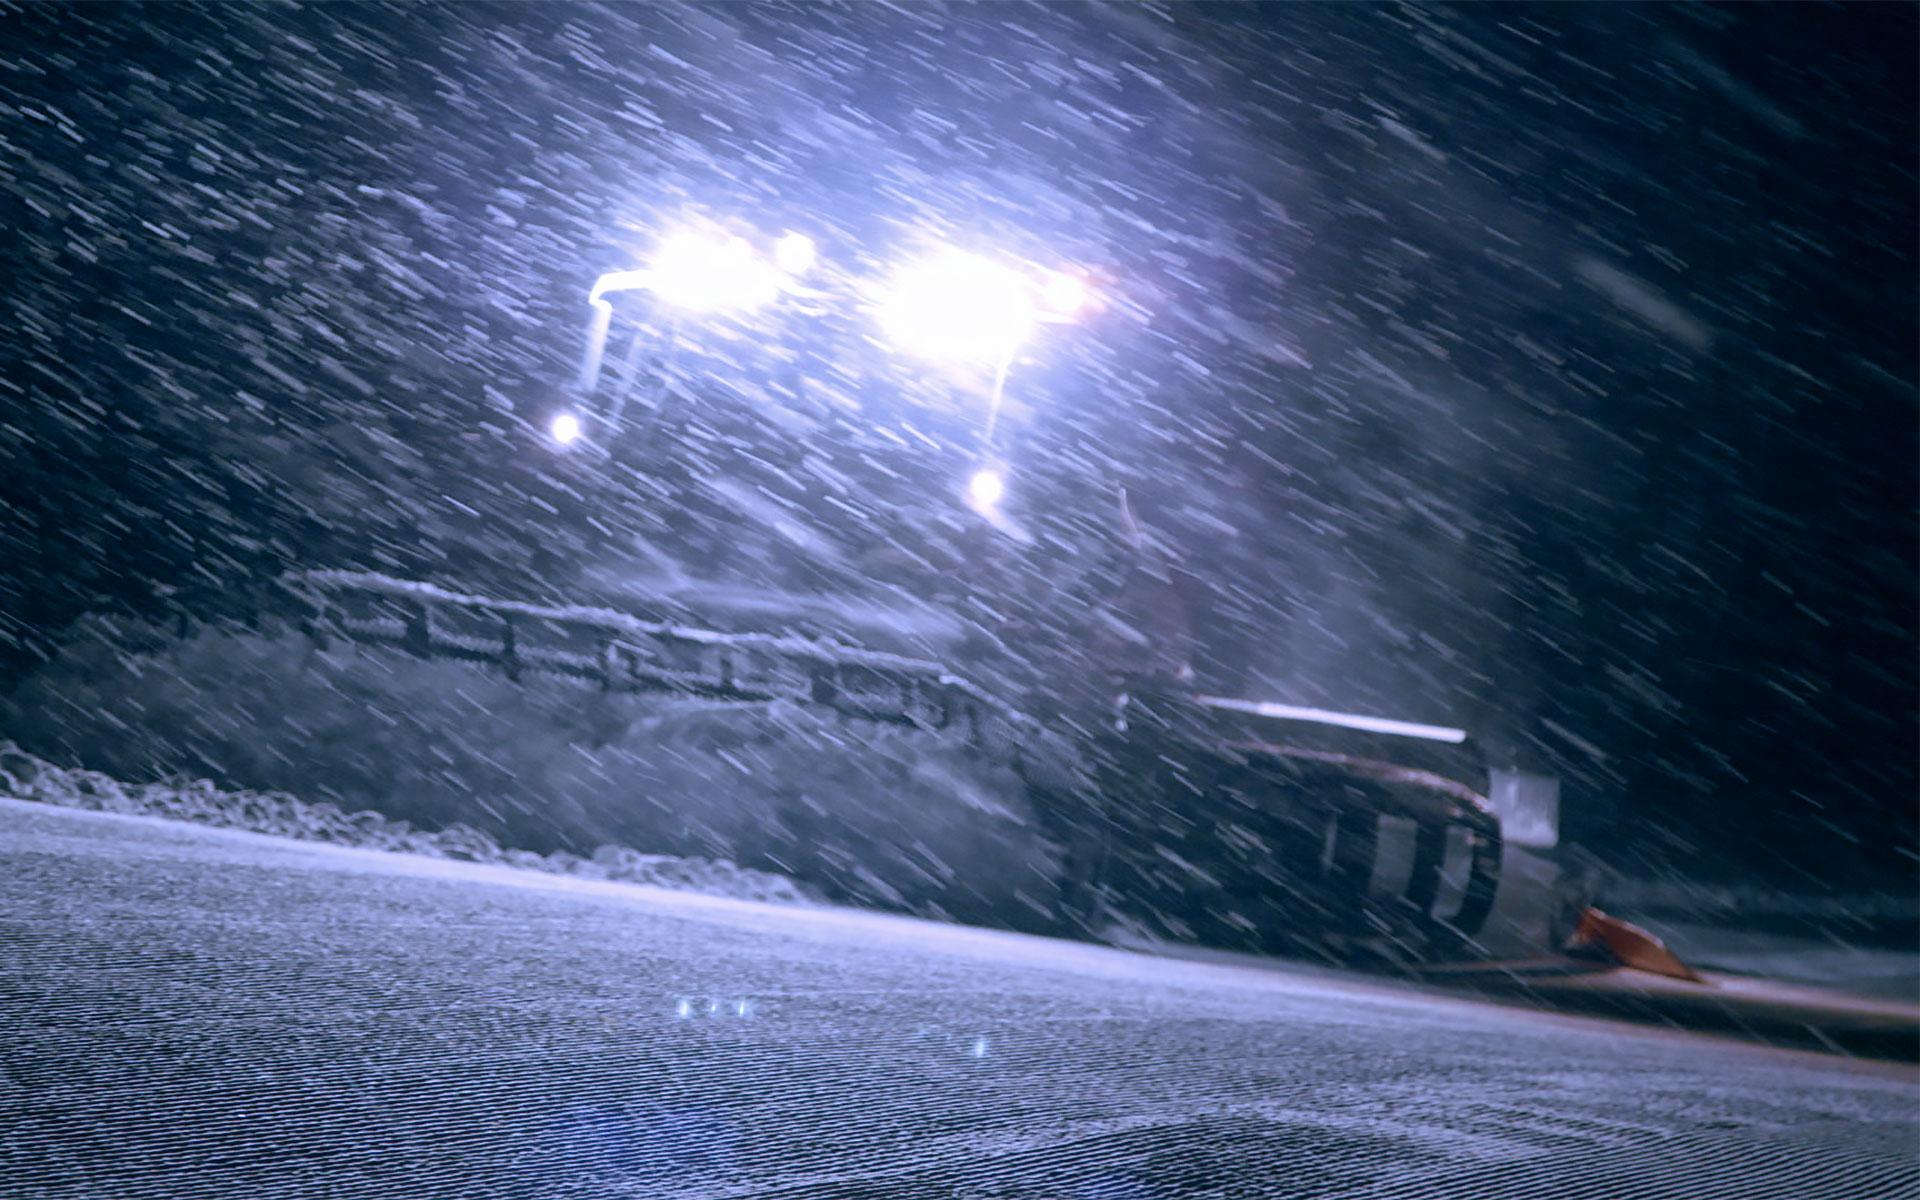 Pistenpräparation Nacht Ratrac bei Schnee